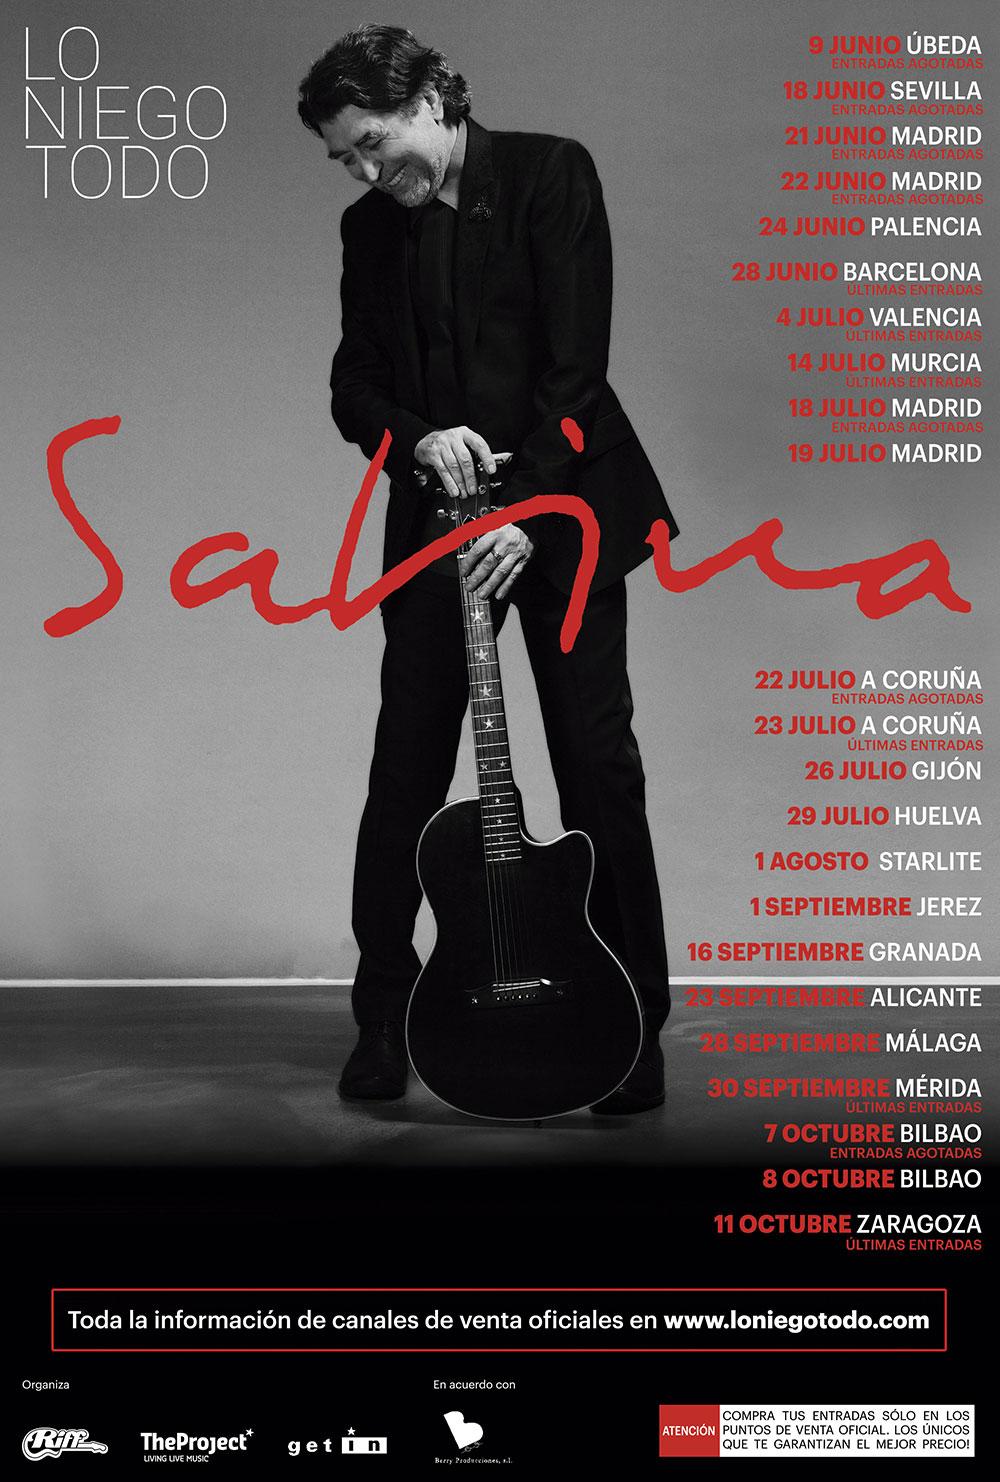 Agotadas las entradas tanbién en Sevilla y ÚBEDA